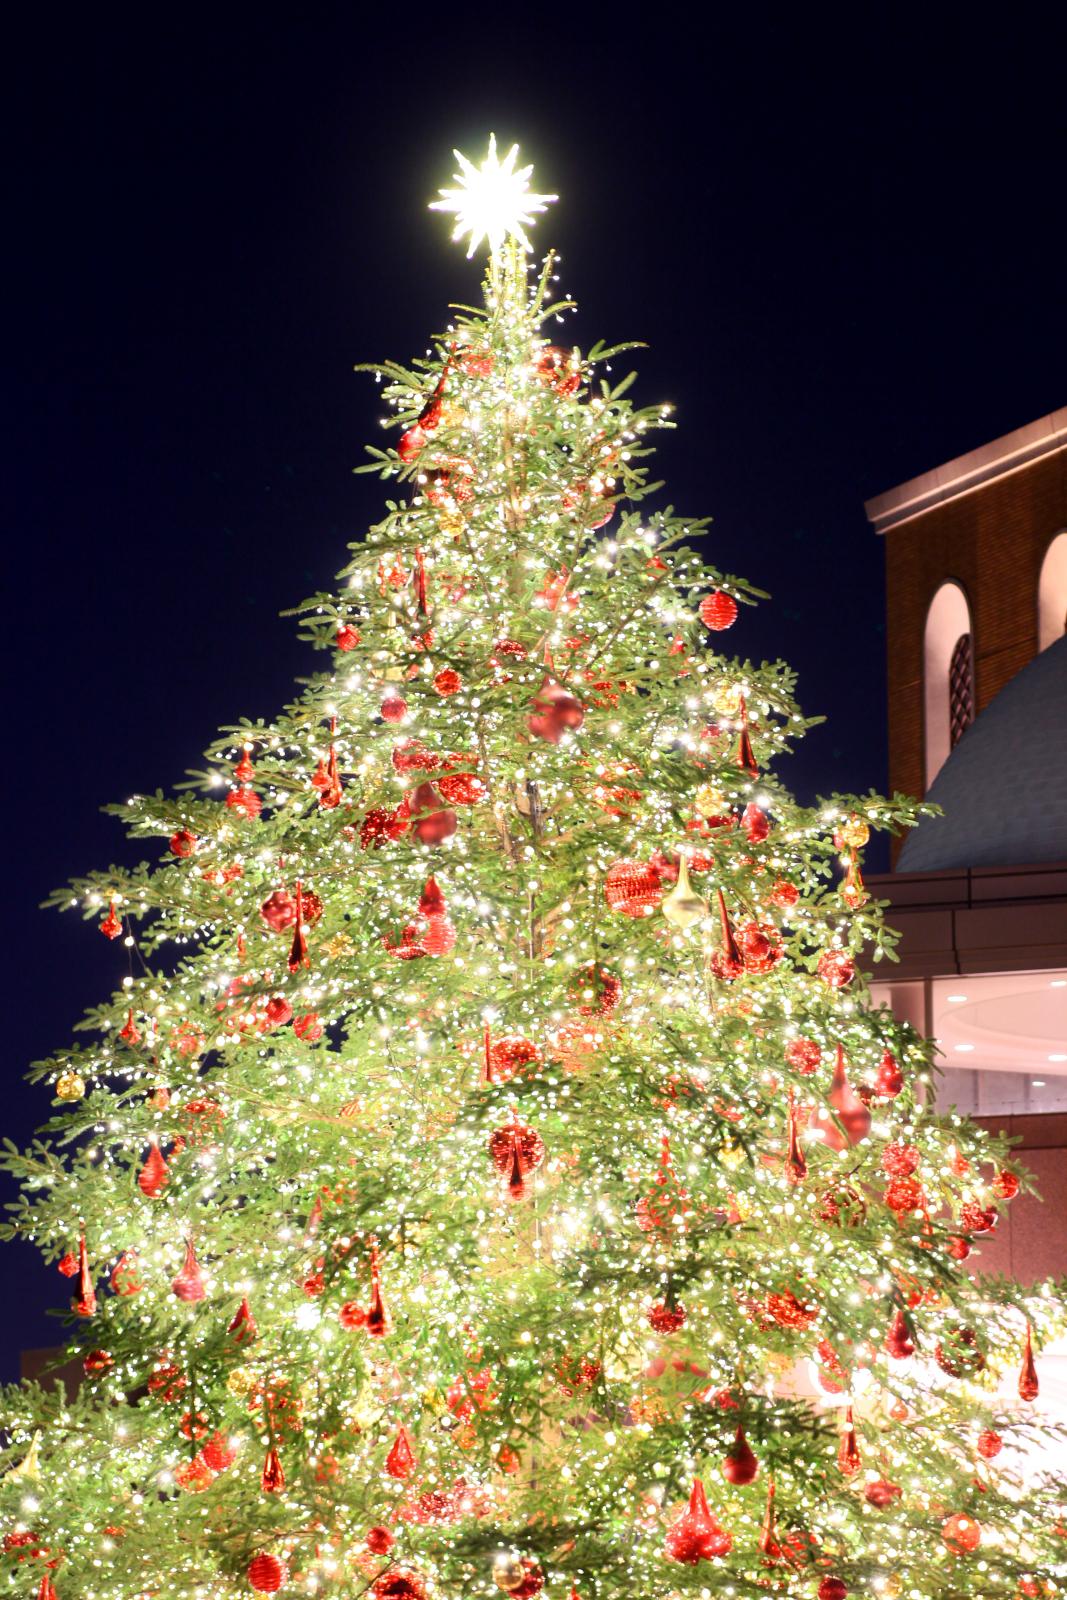 軽井沢クリスマスイルミネーションのおすすめスポットは?アクセス方法や注意点を紹介